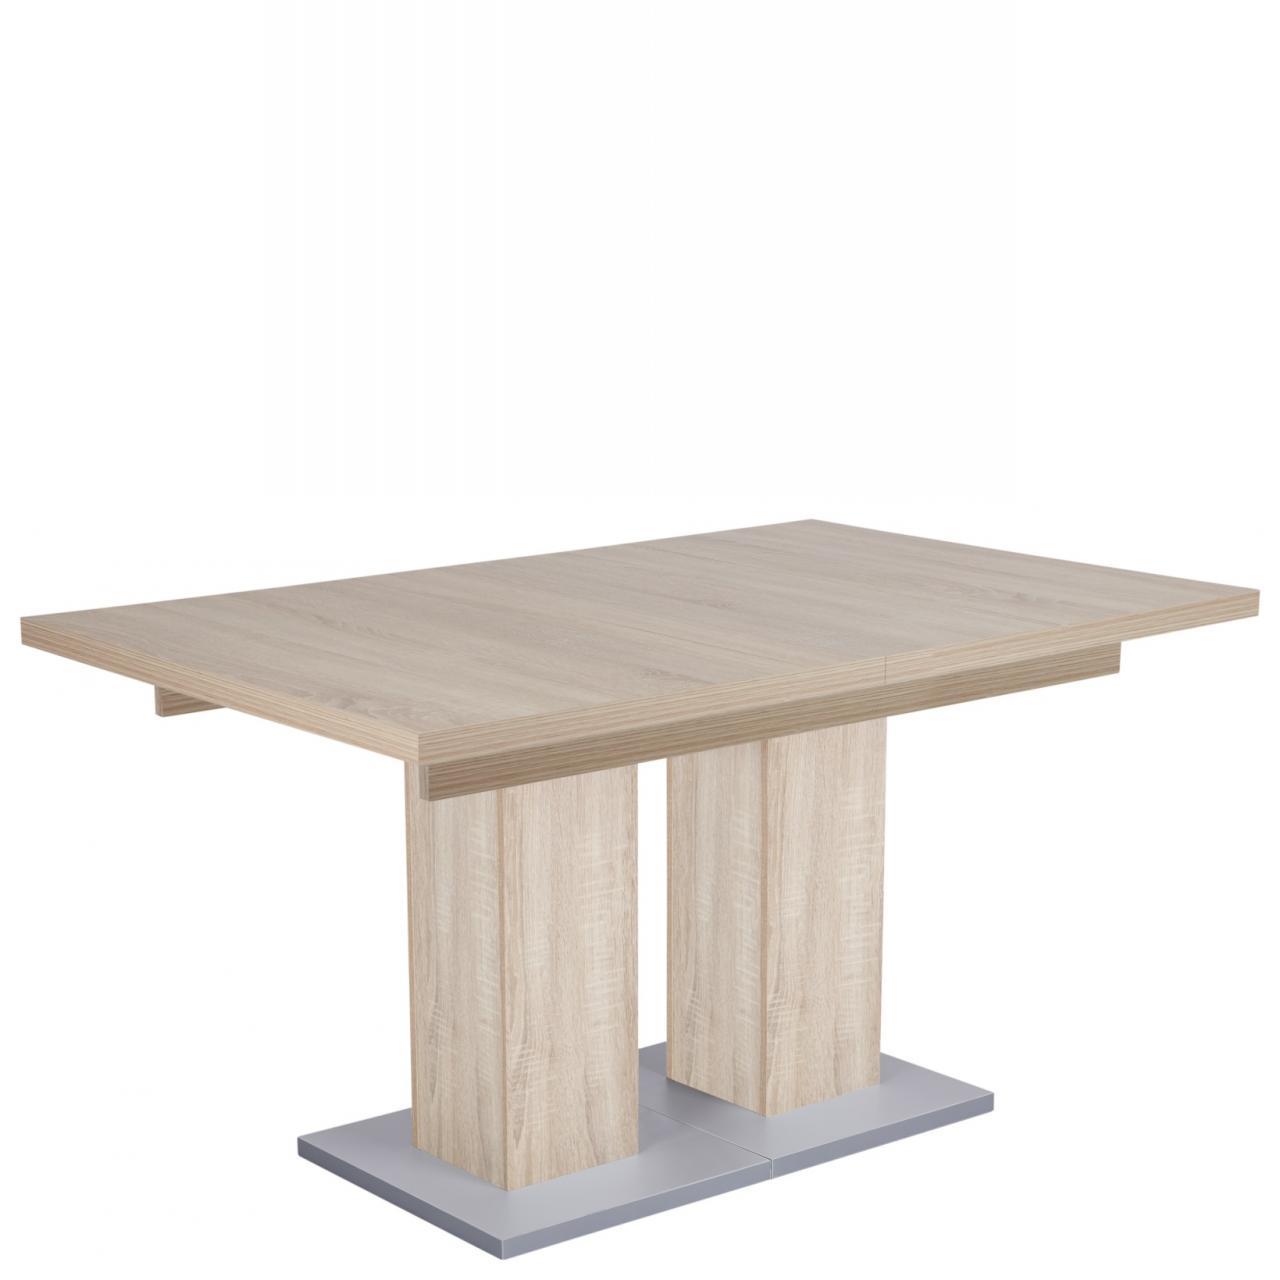 Esstisch Hamburg Mit 2 Einlegeplatten Sonoma Eiche Nb. Küchentisch Tisch